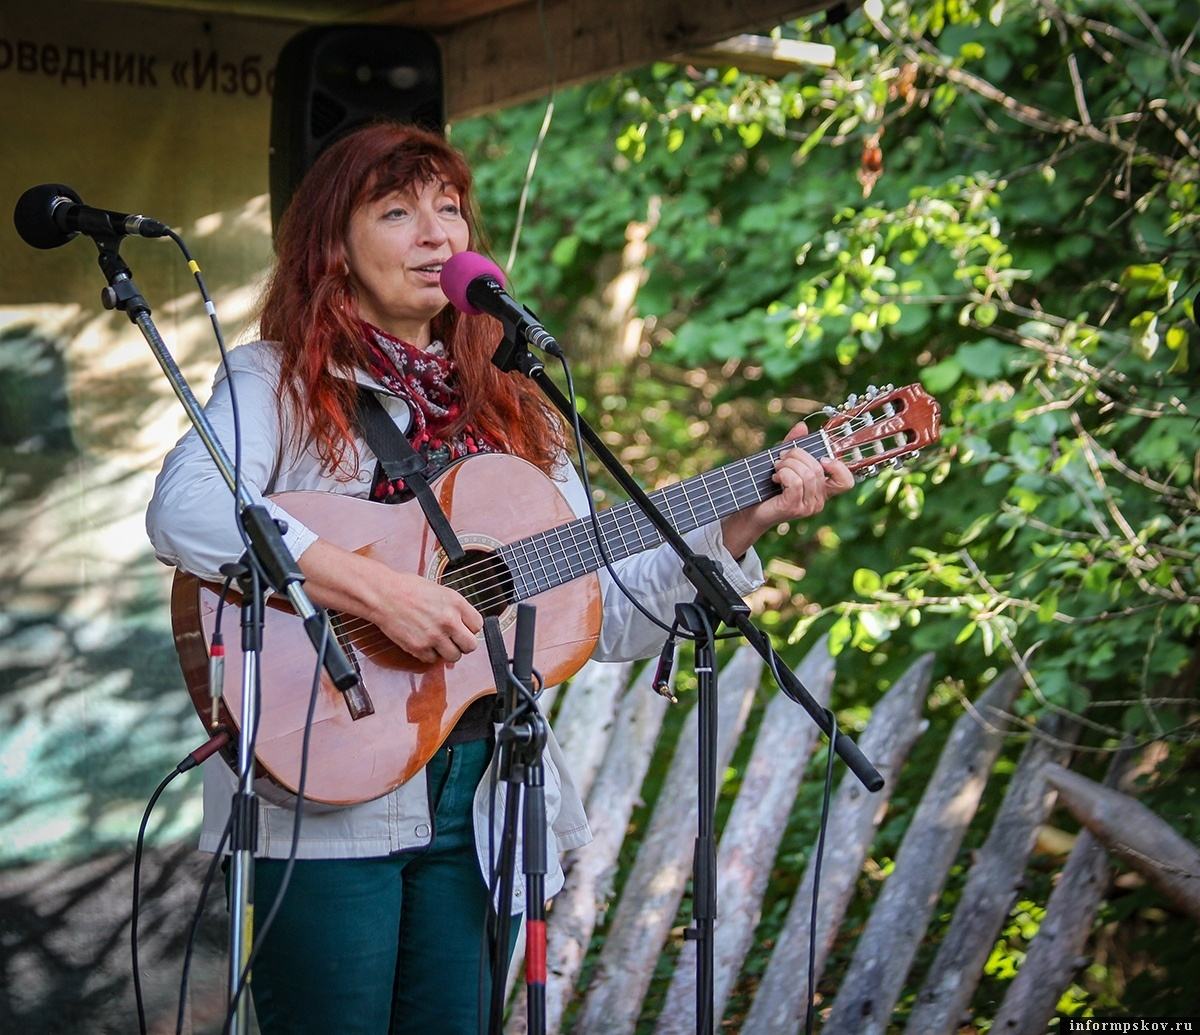 VI фестиваль авторской песни и поэзии «Изборская крепость». Автор фото: Анатолий Шумилин